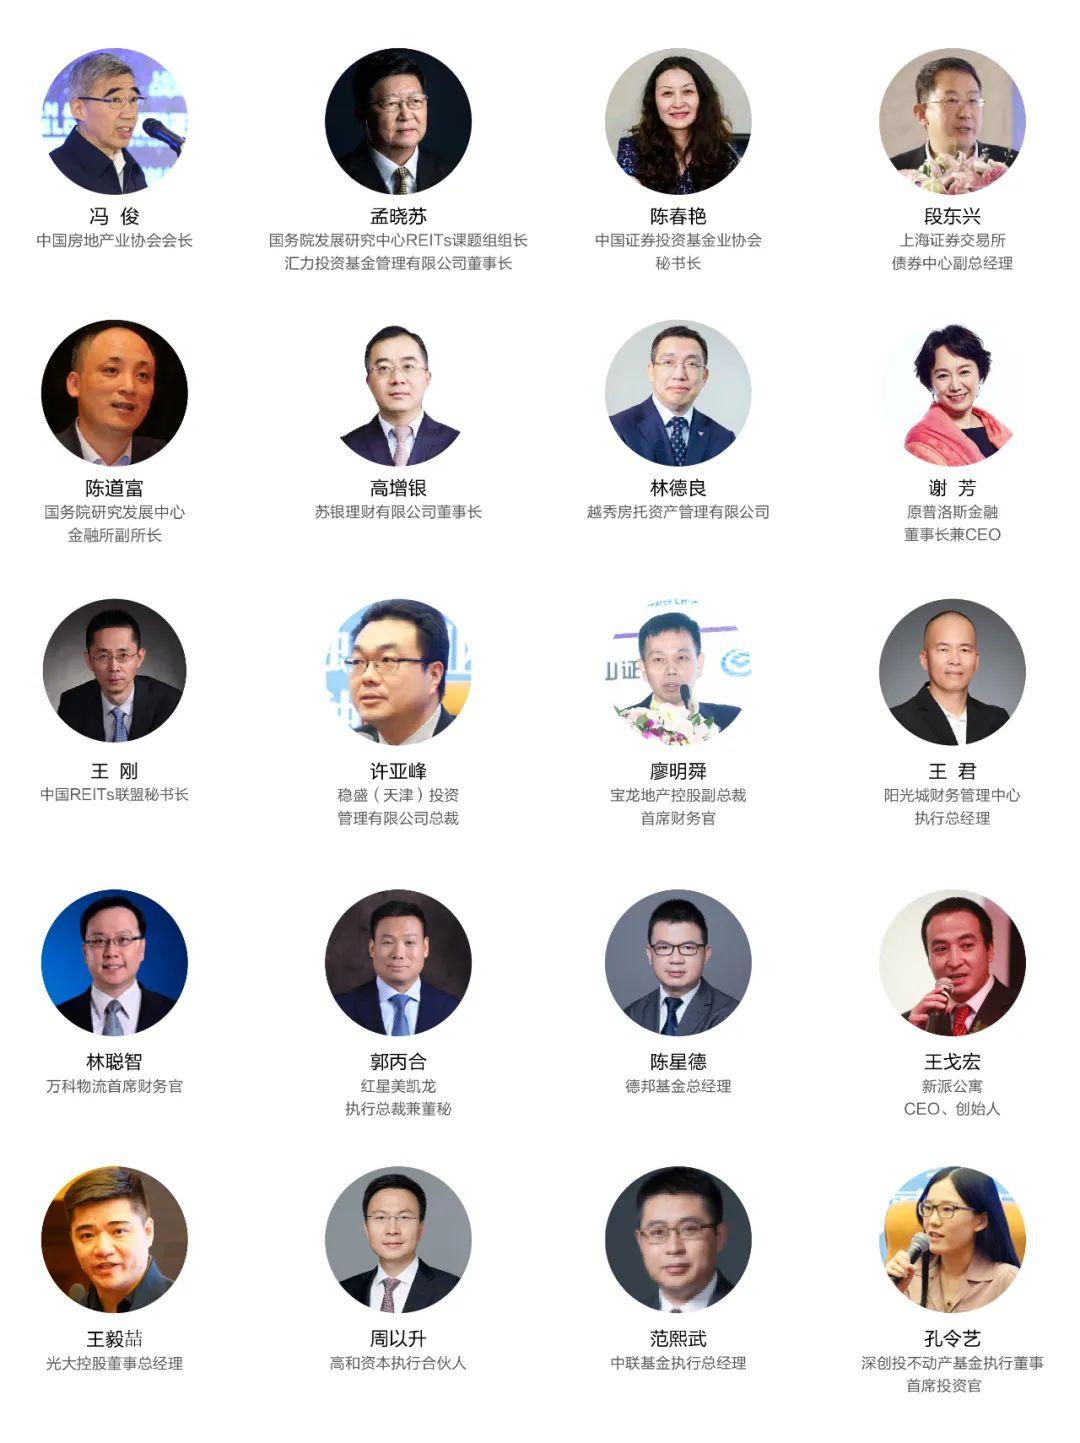 重磅丨RCREIT主办,第五届中国不动产资产证券化与REITs高峰论坛将启